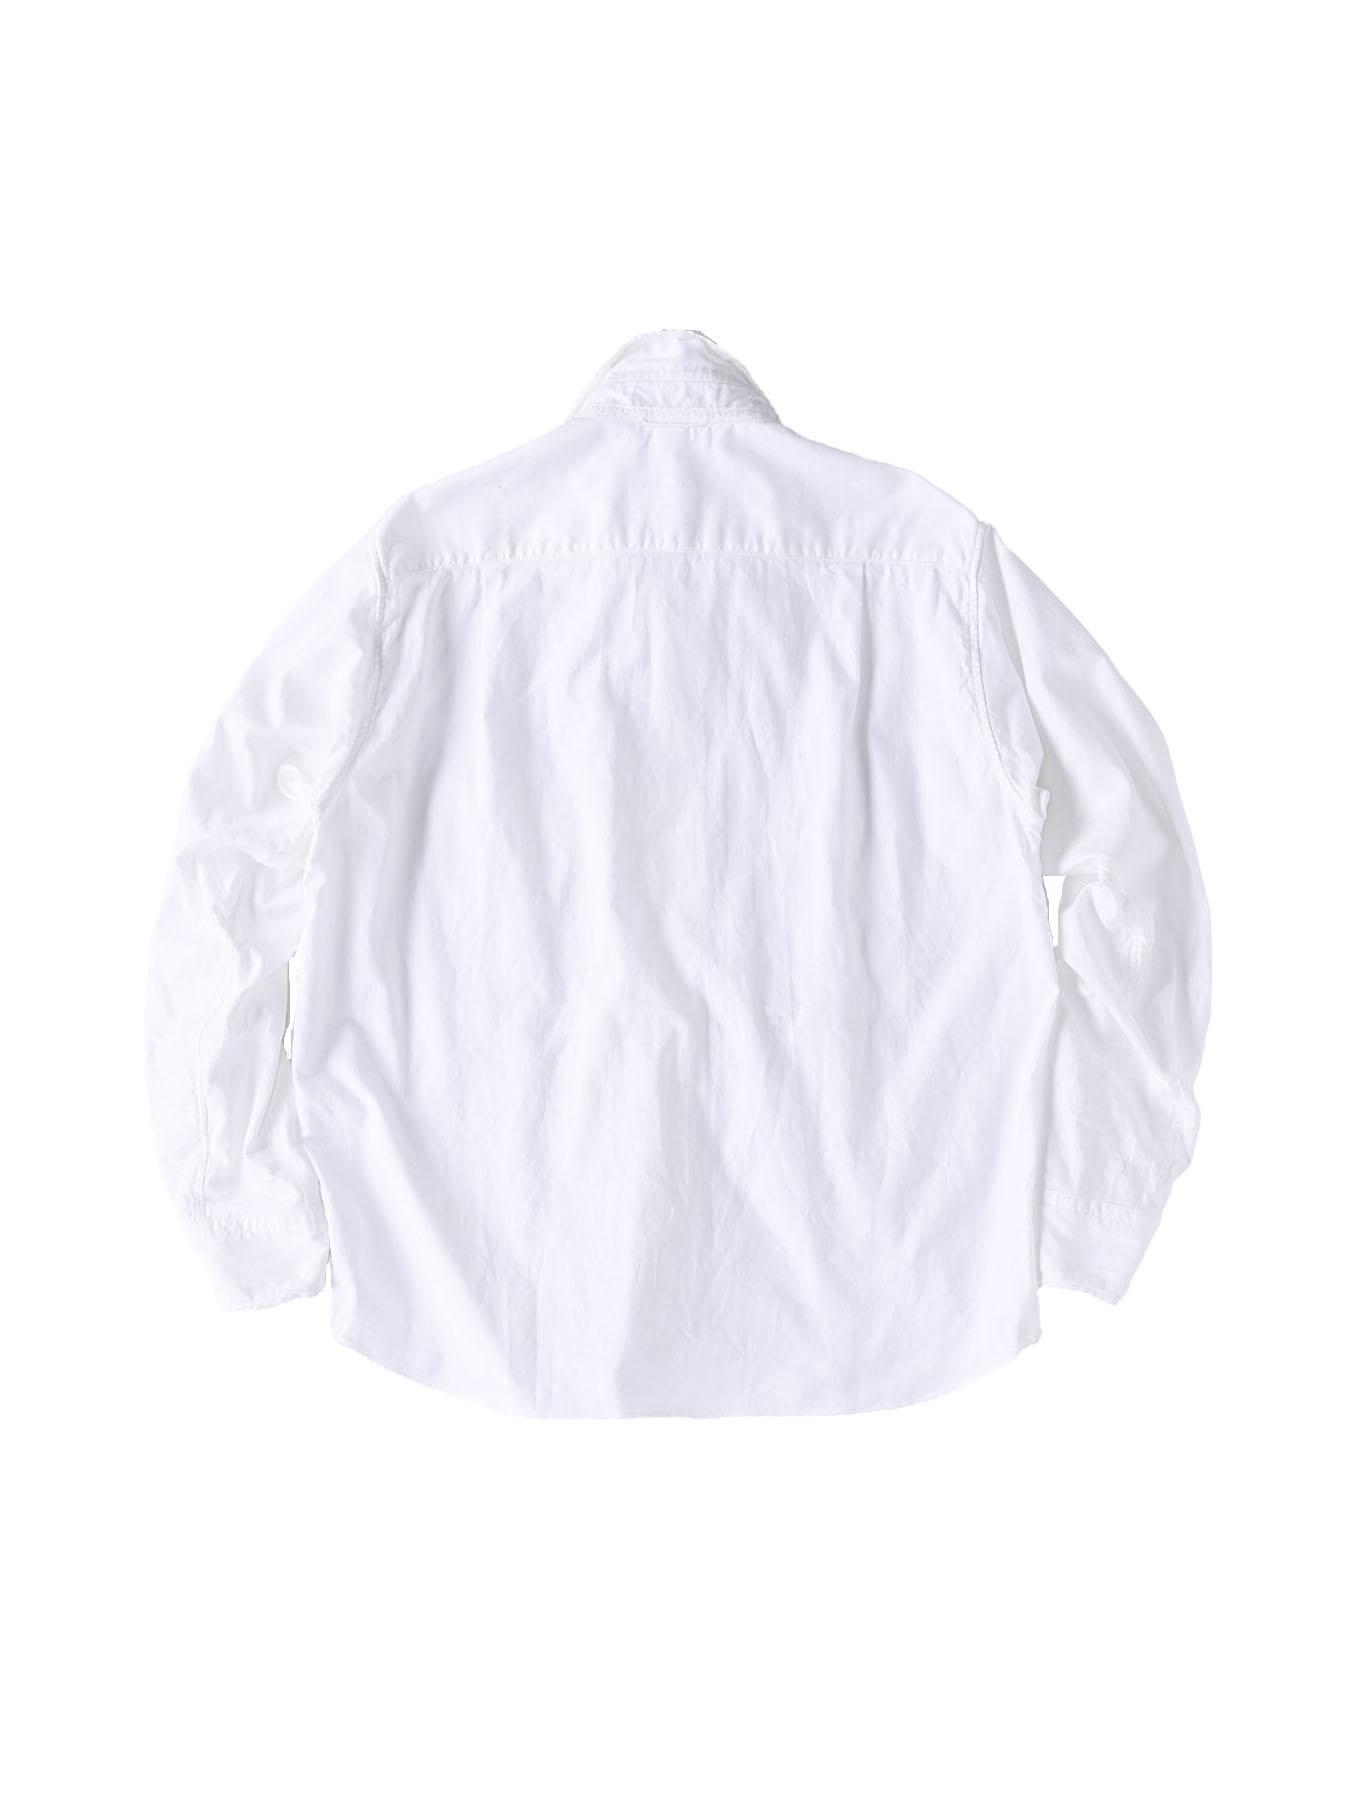 Thin Oxford 908 Ocean Lace Shirt (0621)-9